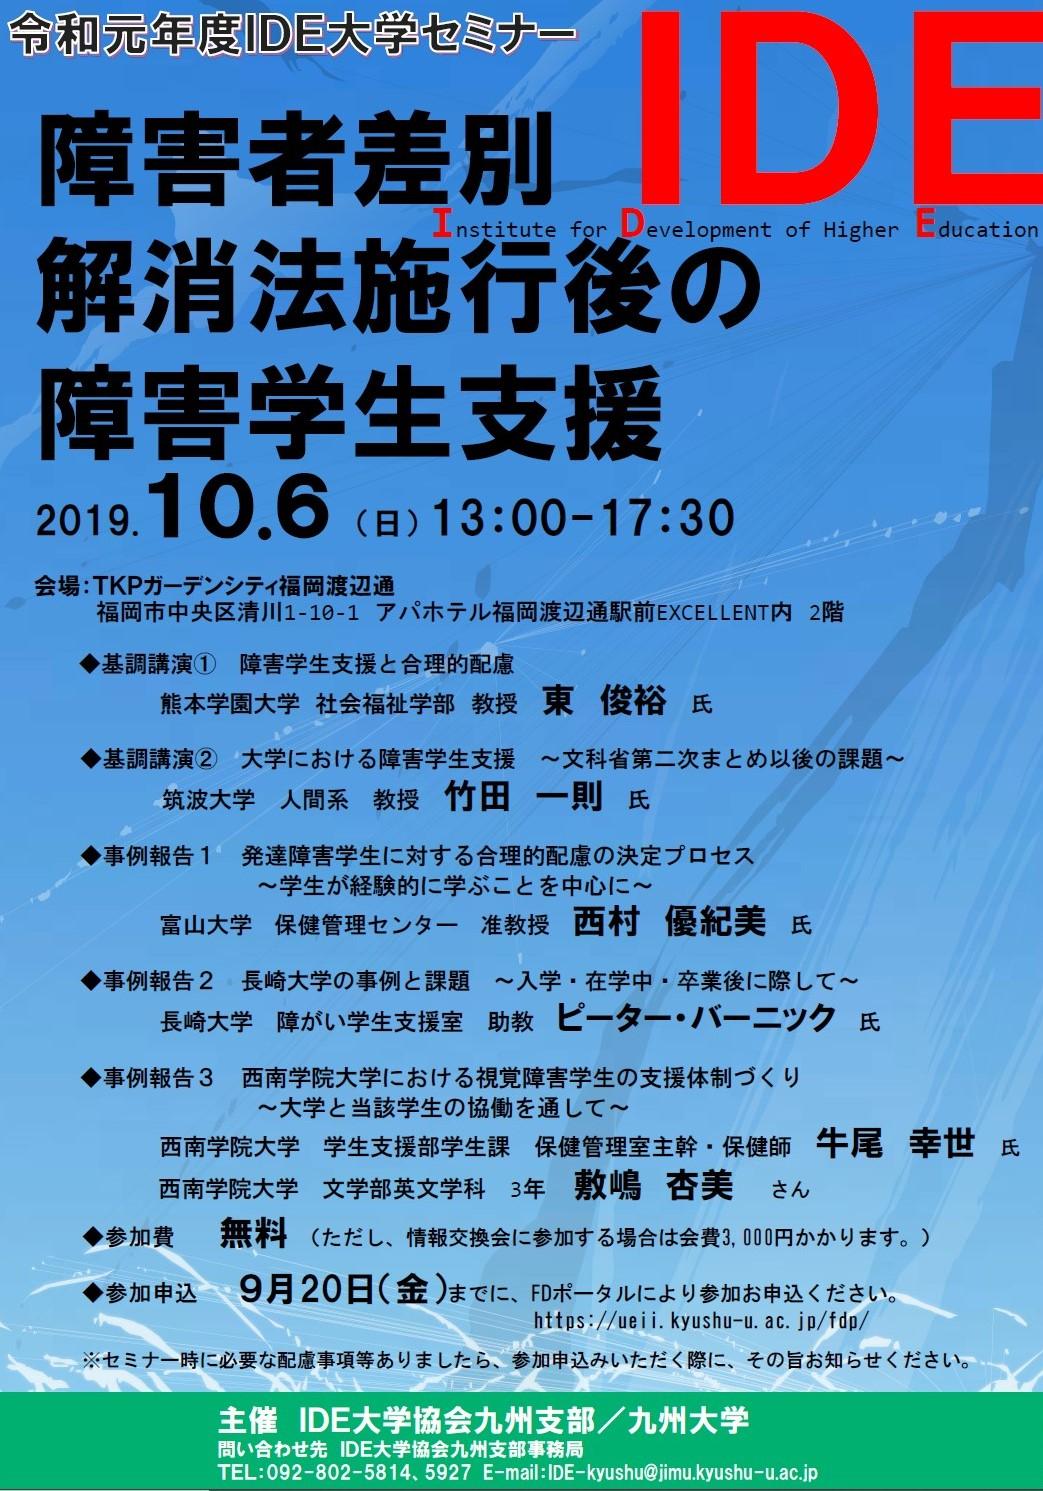 【外部イベント】IDE大学協会, 九州大学『障害者差別解消法施行後の障害学生支援』